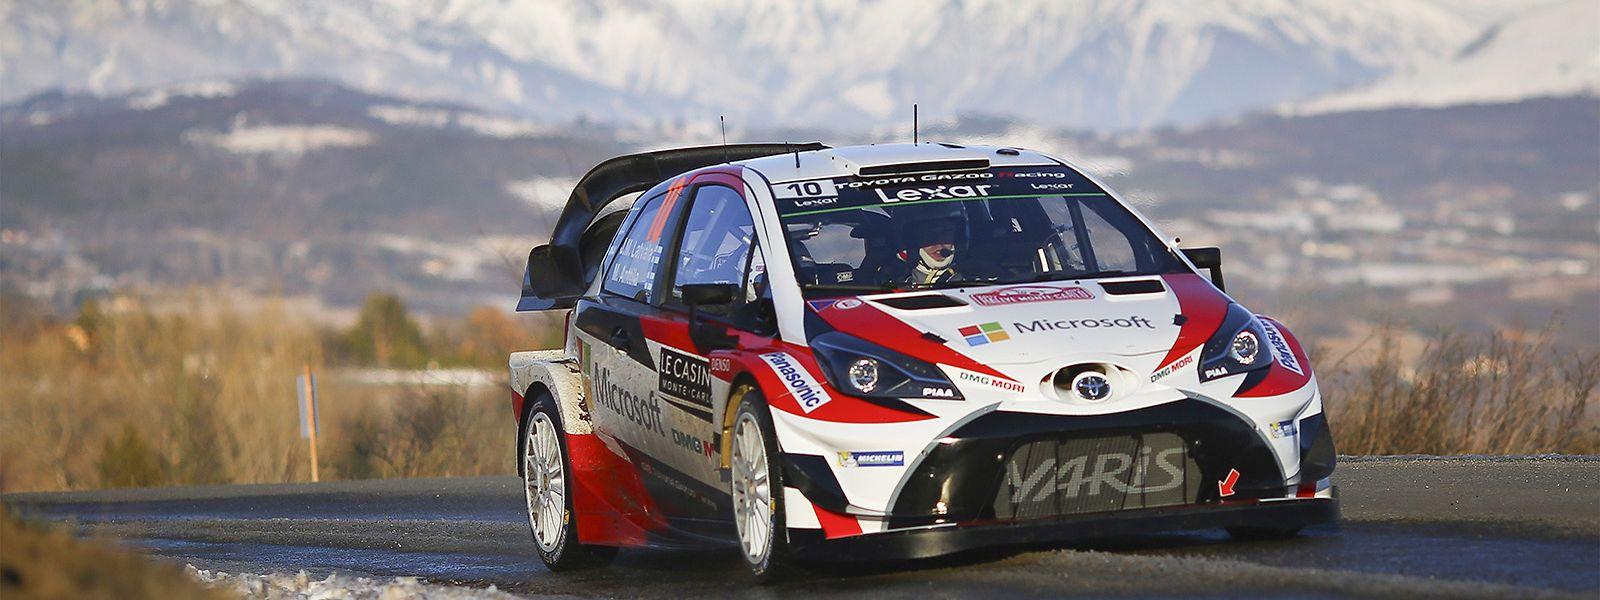 La Toyota que pilotera Sebastien Ogier lors du championnat du monde des rallyes en 2020